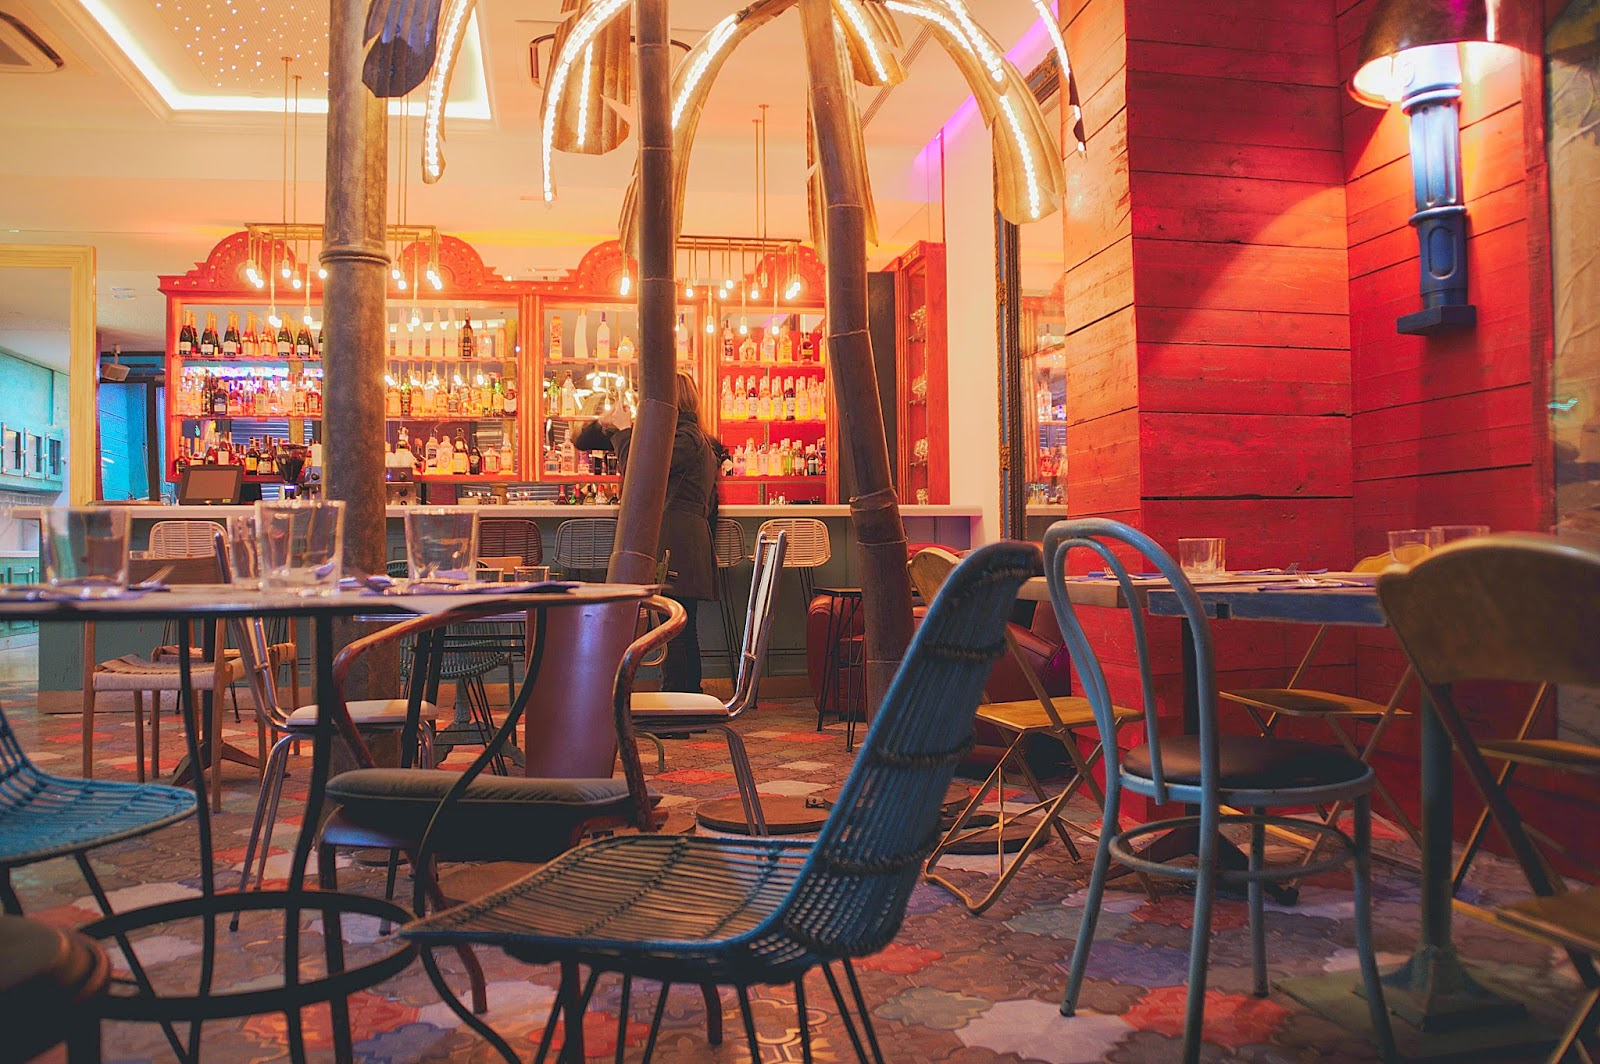 Bananas Kafe Barcelona